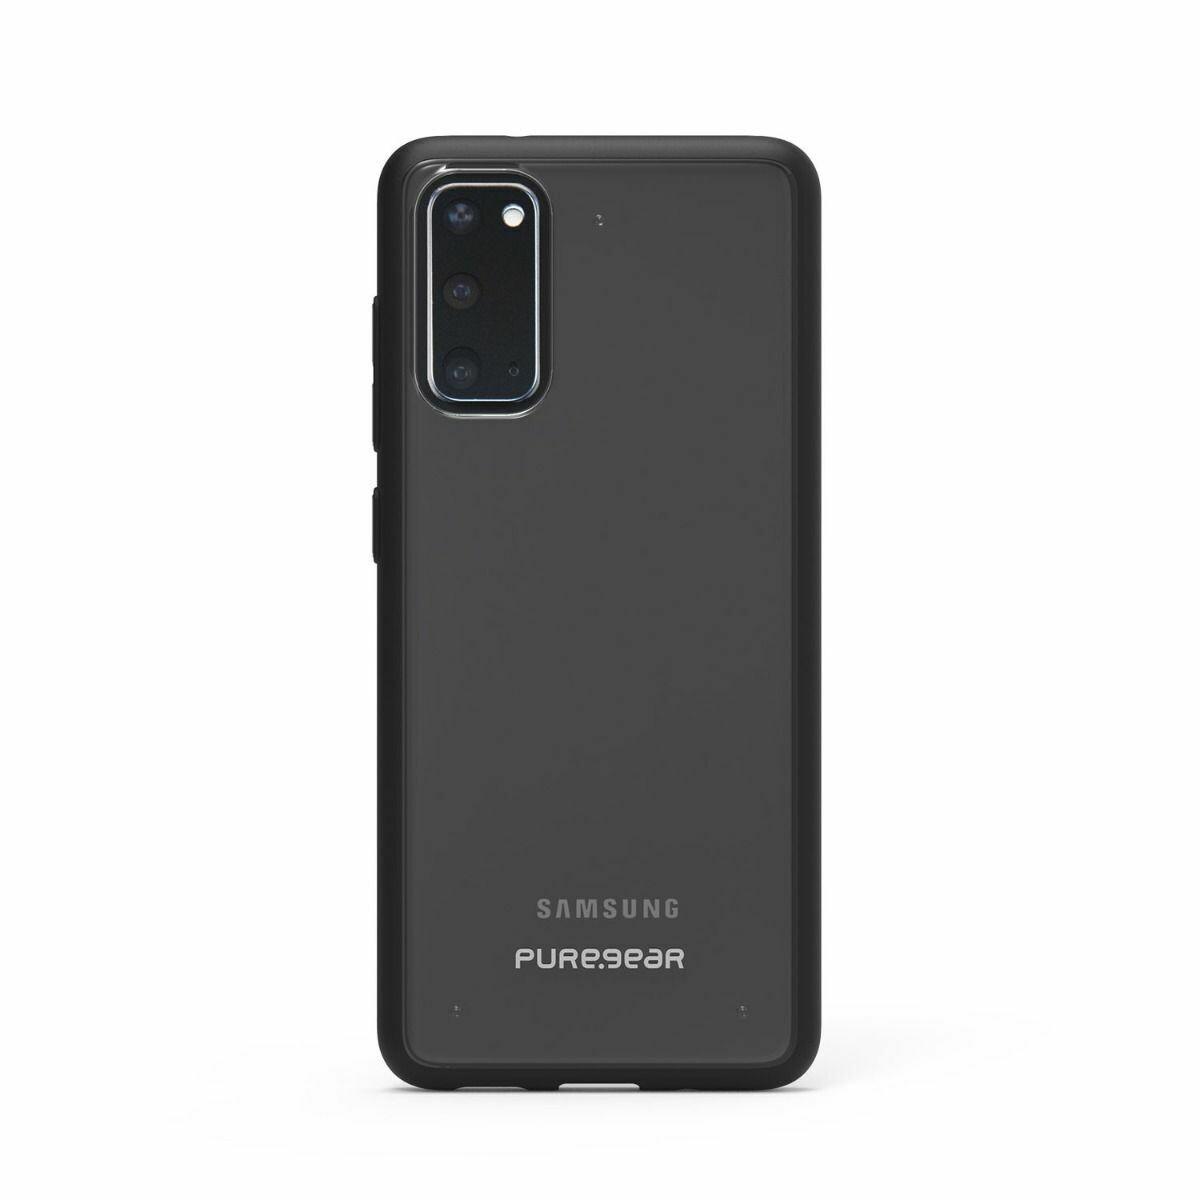 Samsung Galaxy S20 Slim Shell Case - Clear/Black